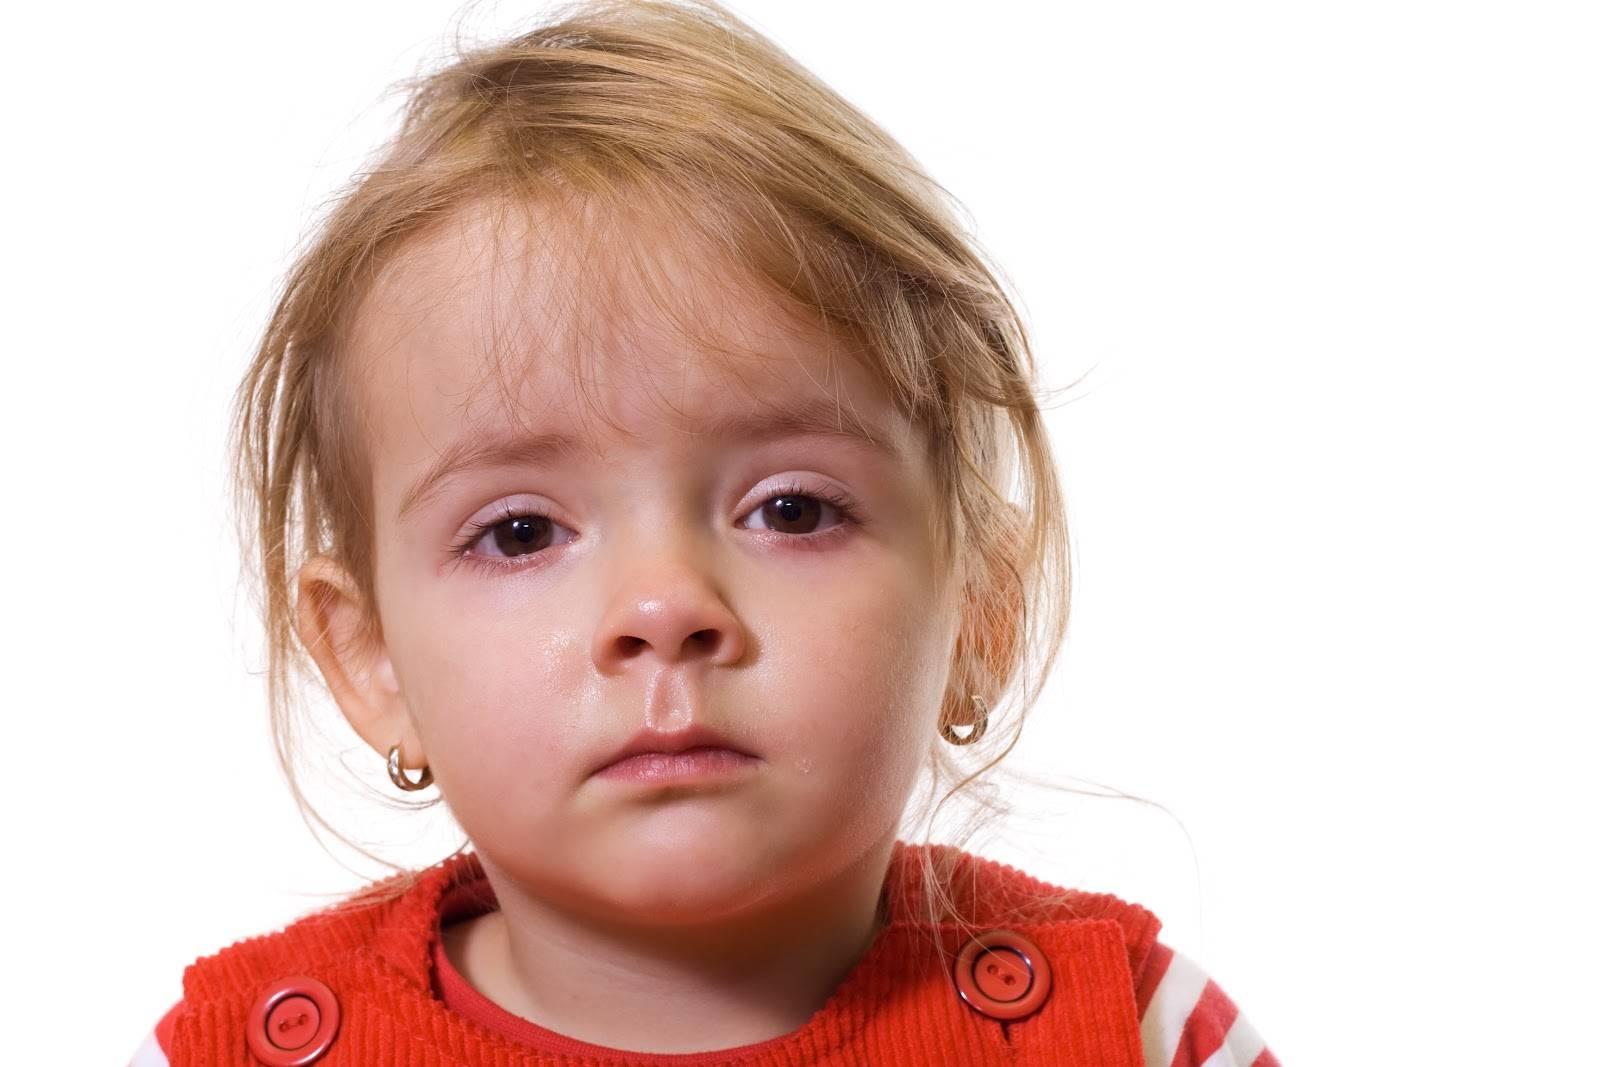 Конъюнктивит совместно с простудой, как лечить ребенка